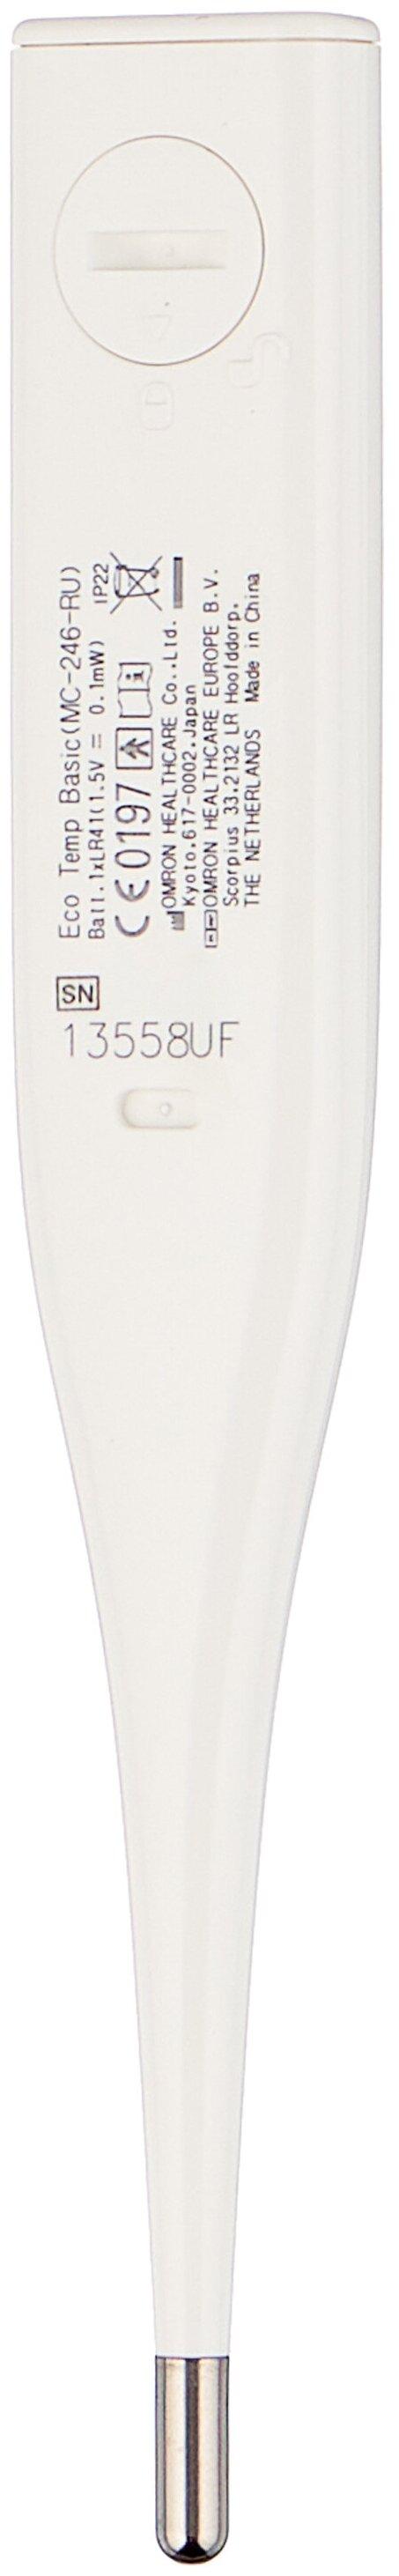 Omron Eco Temp Basic - особенности: водонепроницаемый, звуковой сигнал, память измерений, автоотключение, футляр в комплекте